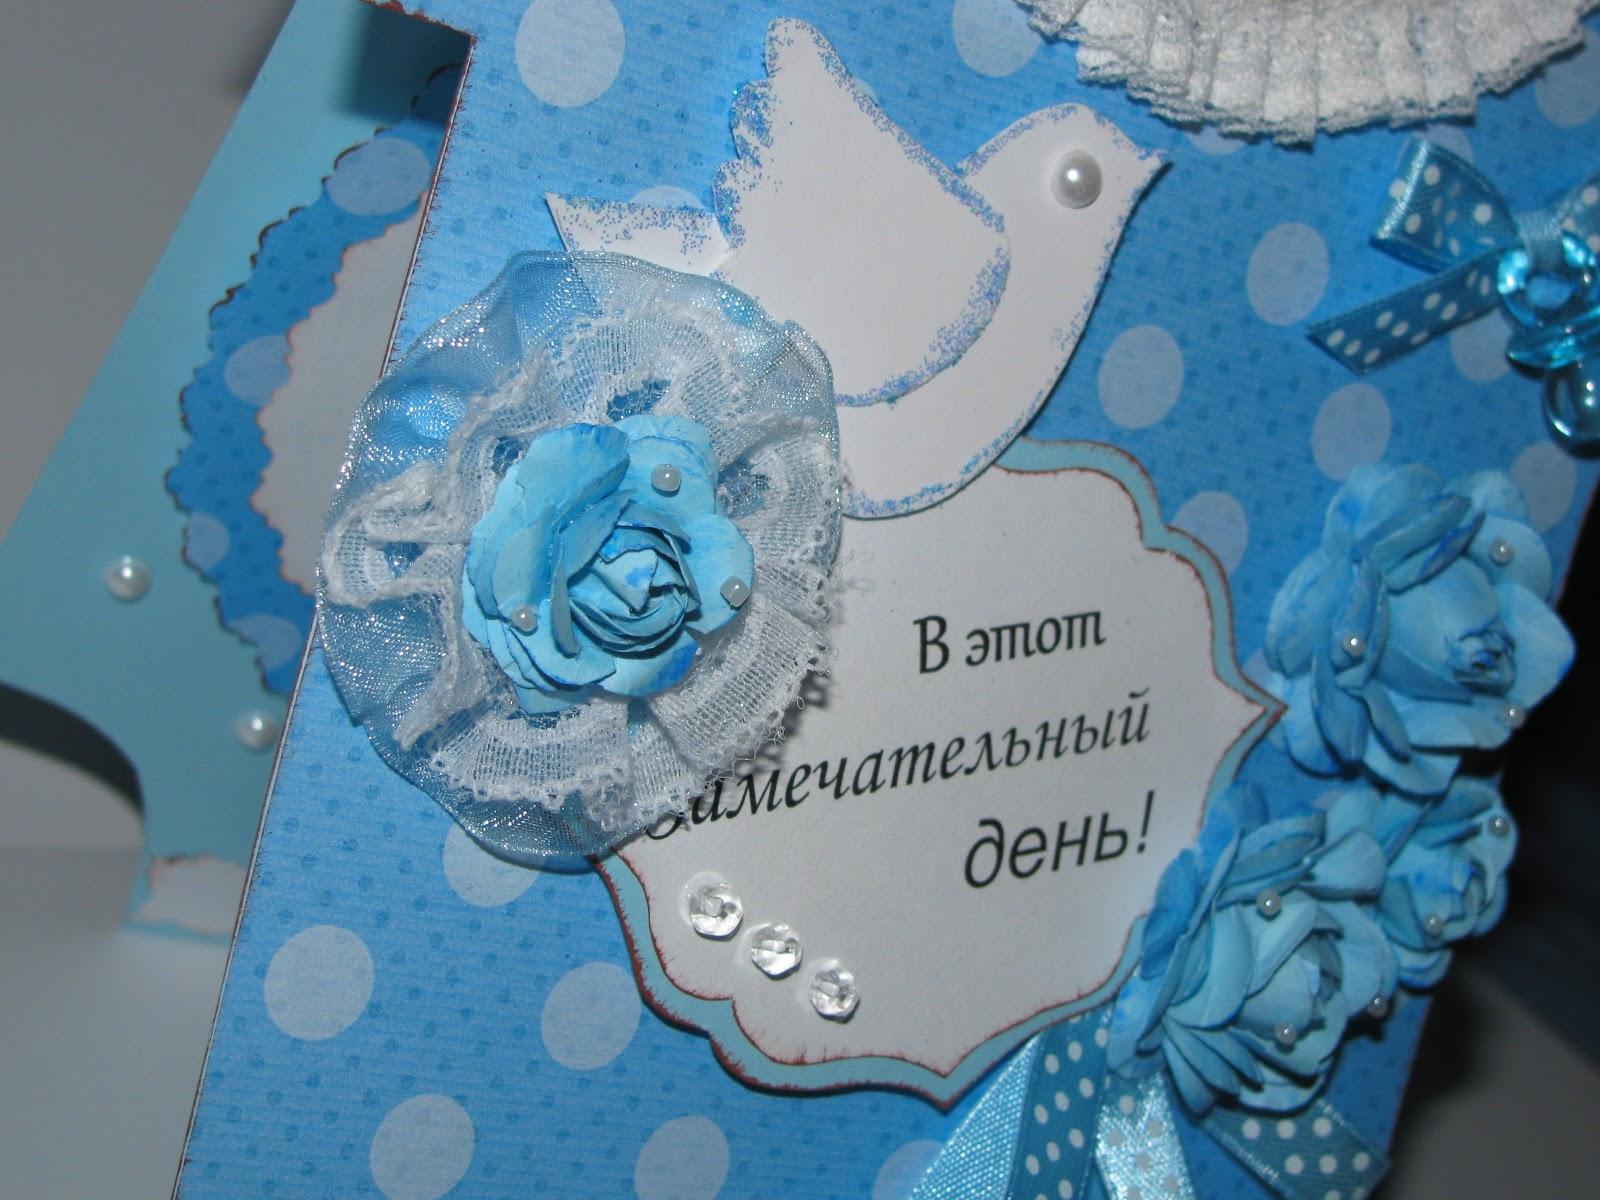 Поздравления с днем рождения 1 месяц мальчику для родителей 933